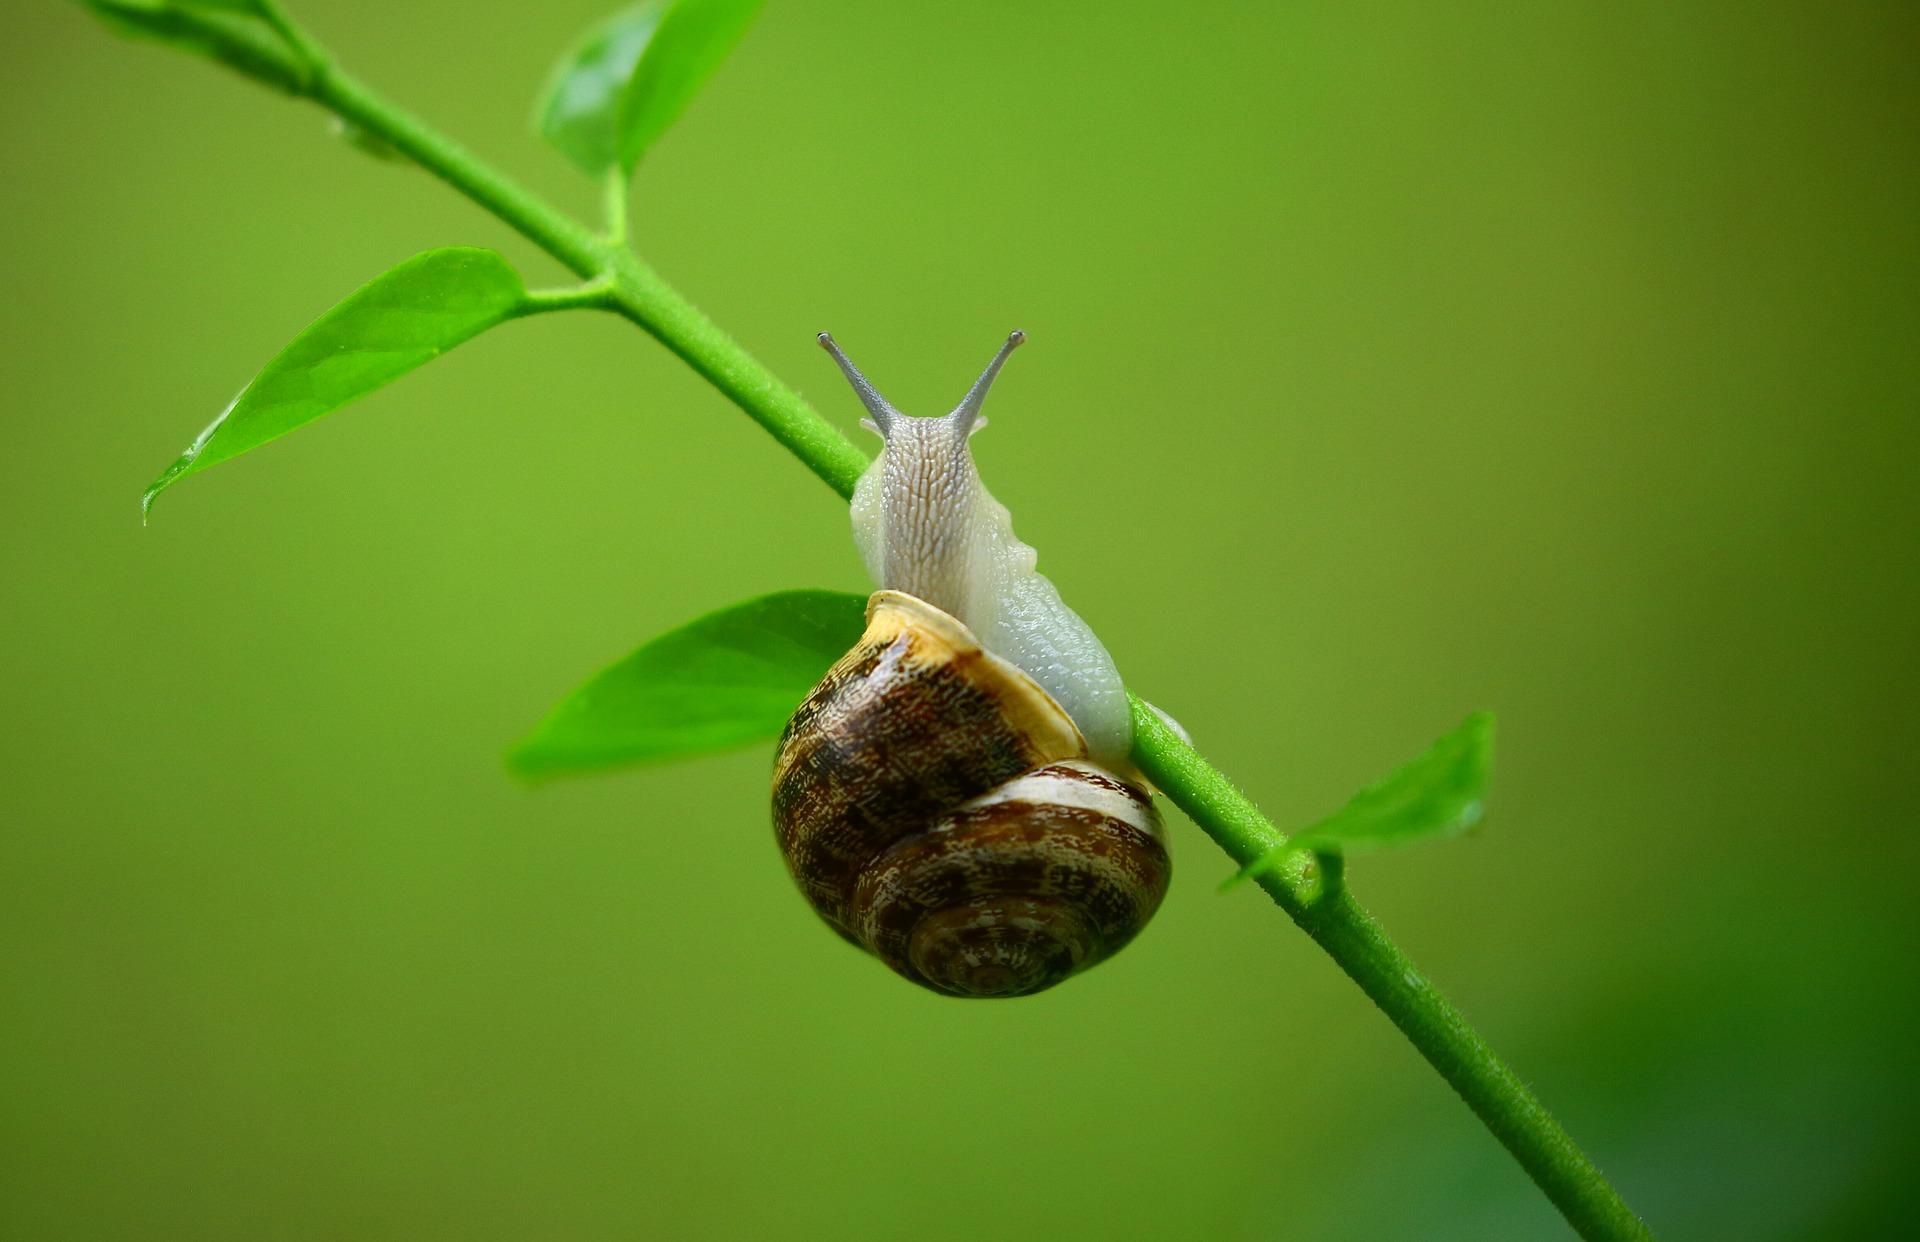 membasmi siput kecil pada tanaman